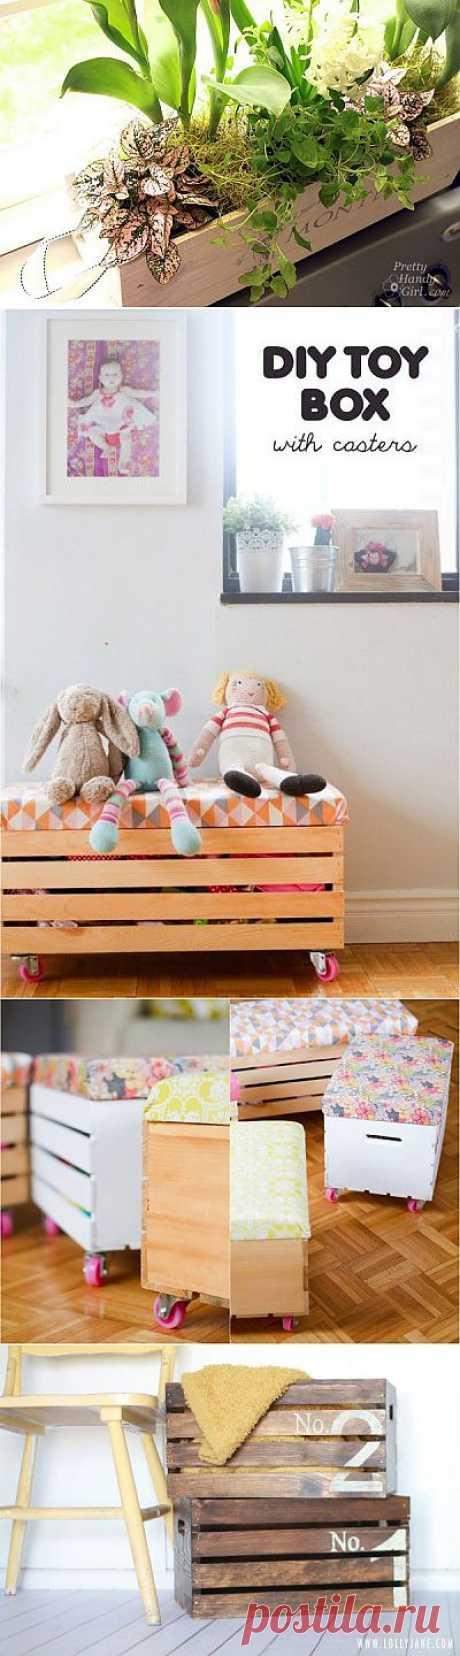 Мебель для быта из деревянных ящиков / Я - суперпупер